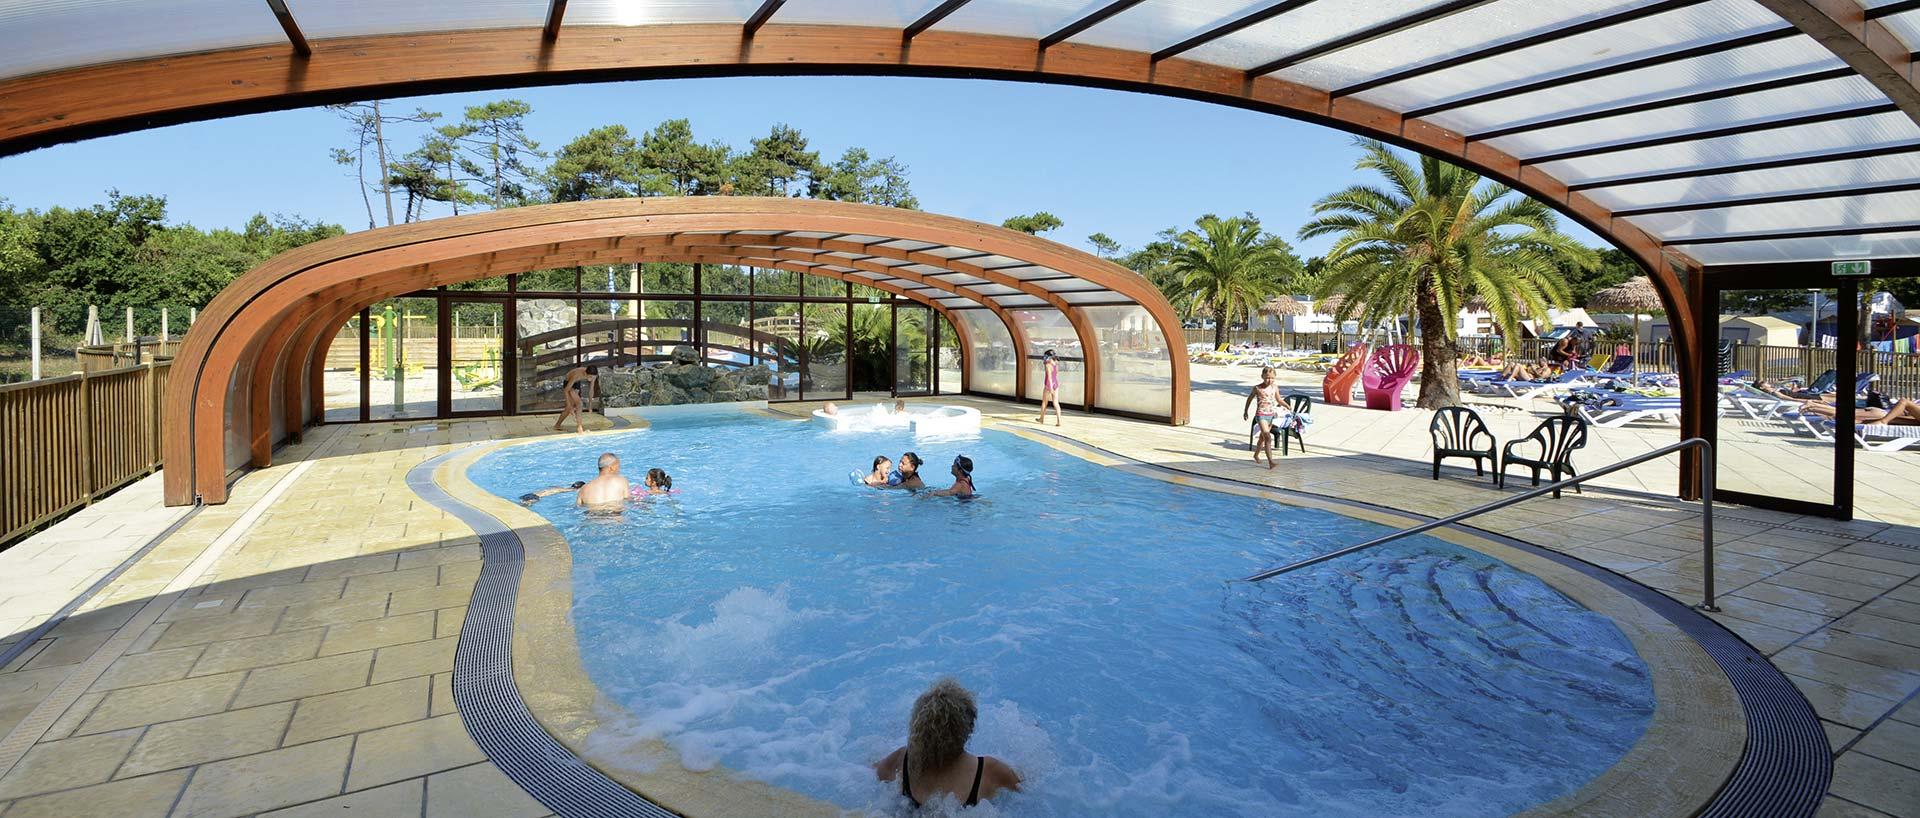 Piscine couverte aquitaine vacances camping soulac plage for Vacances piscine couverte